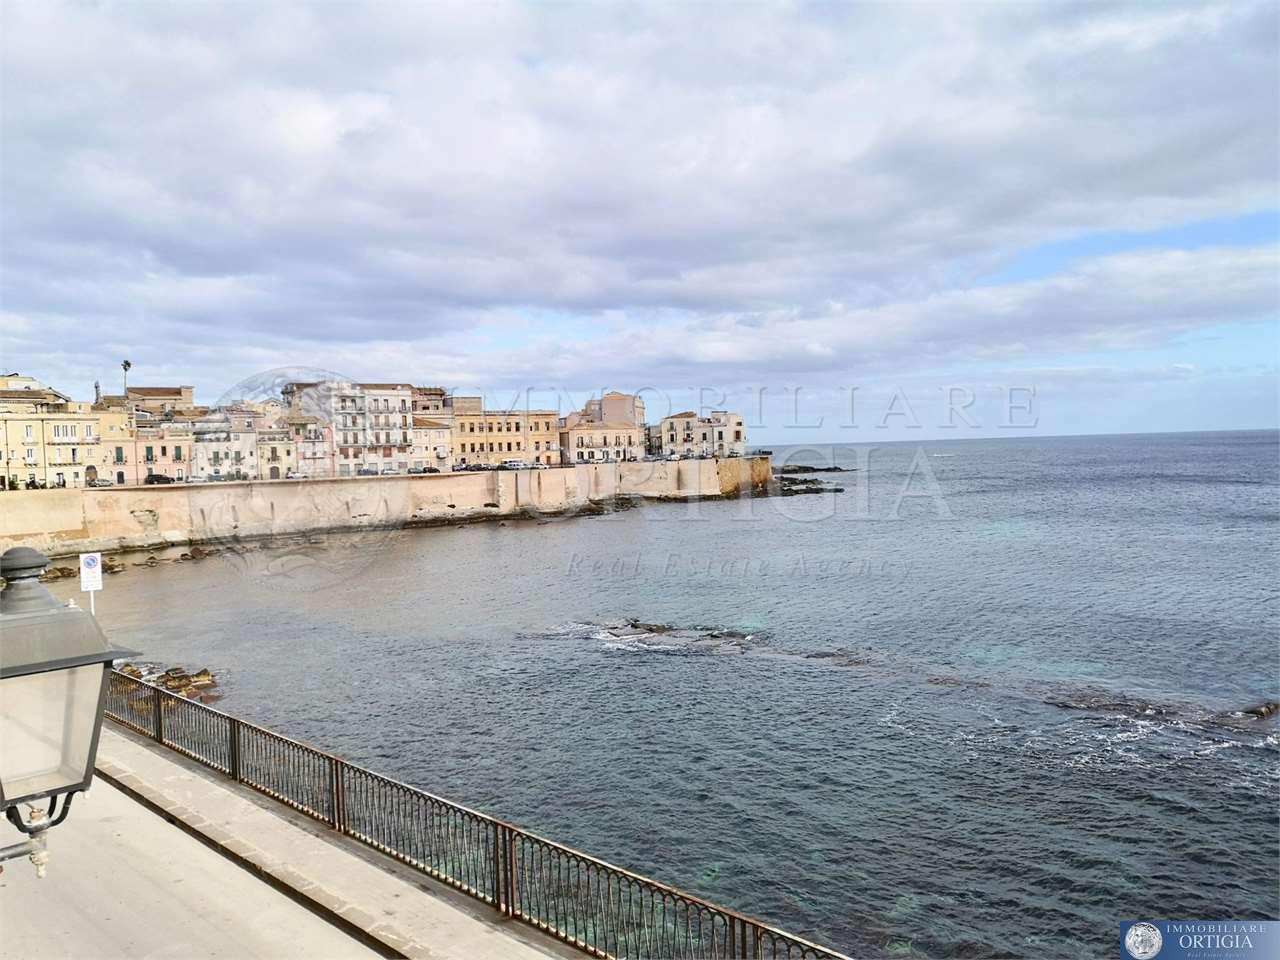 Appartamento in affitto a Siracusa, 2 locali, zona Zona: Ortigia, prezzo € 800 | CambioCasa.it